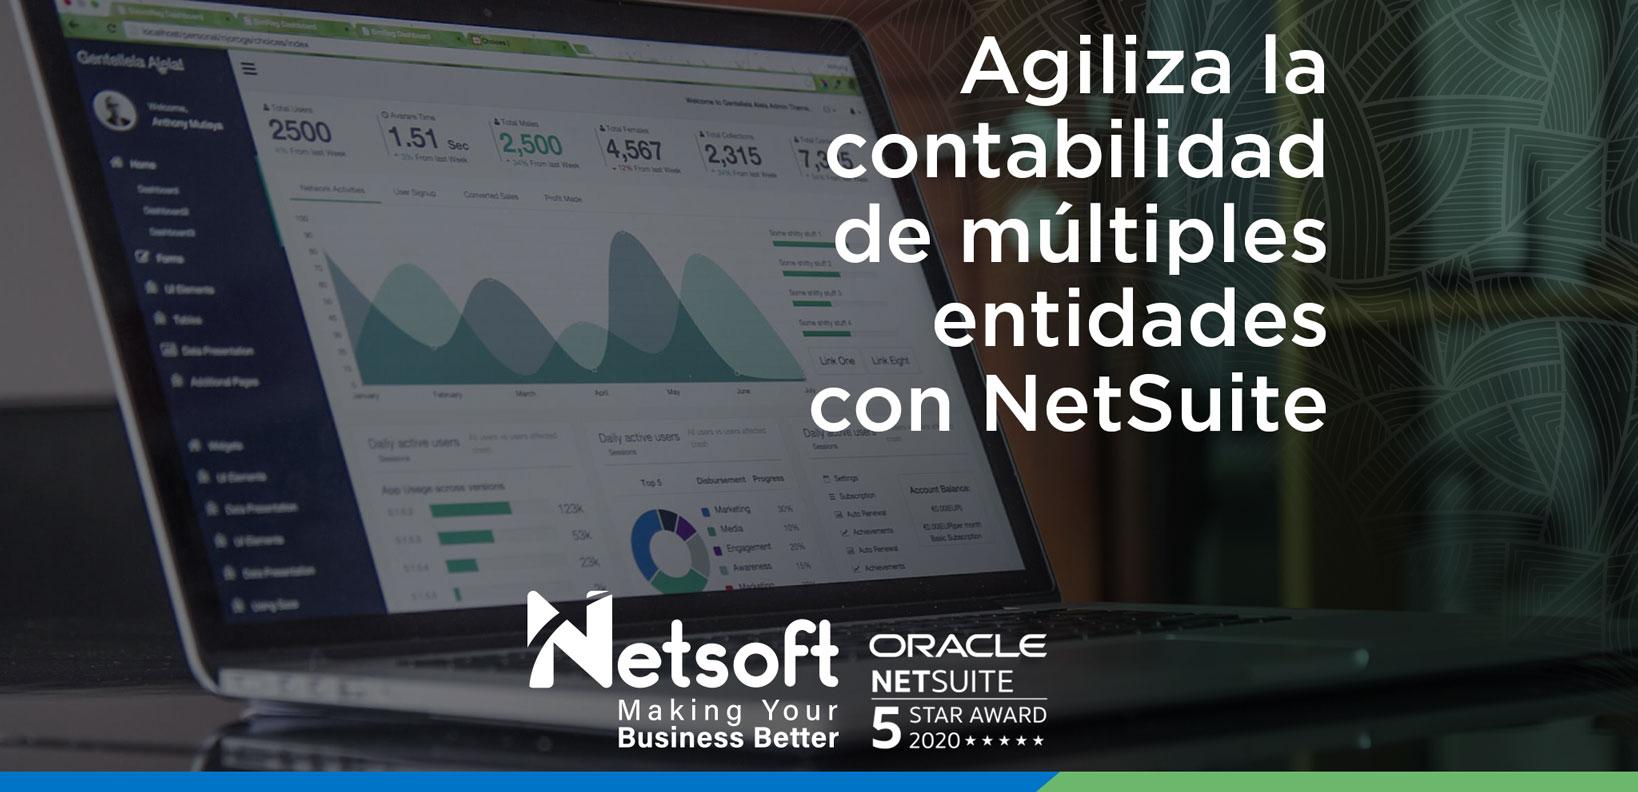 Agiliza la contabilidad de múltiples entidades con NetSuite.